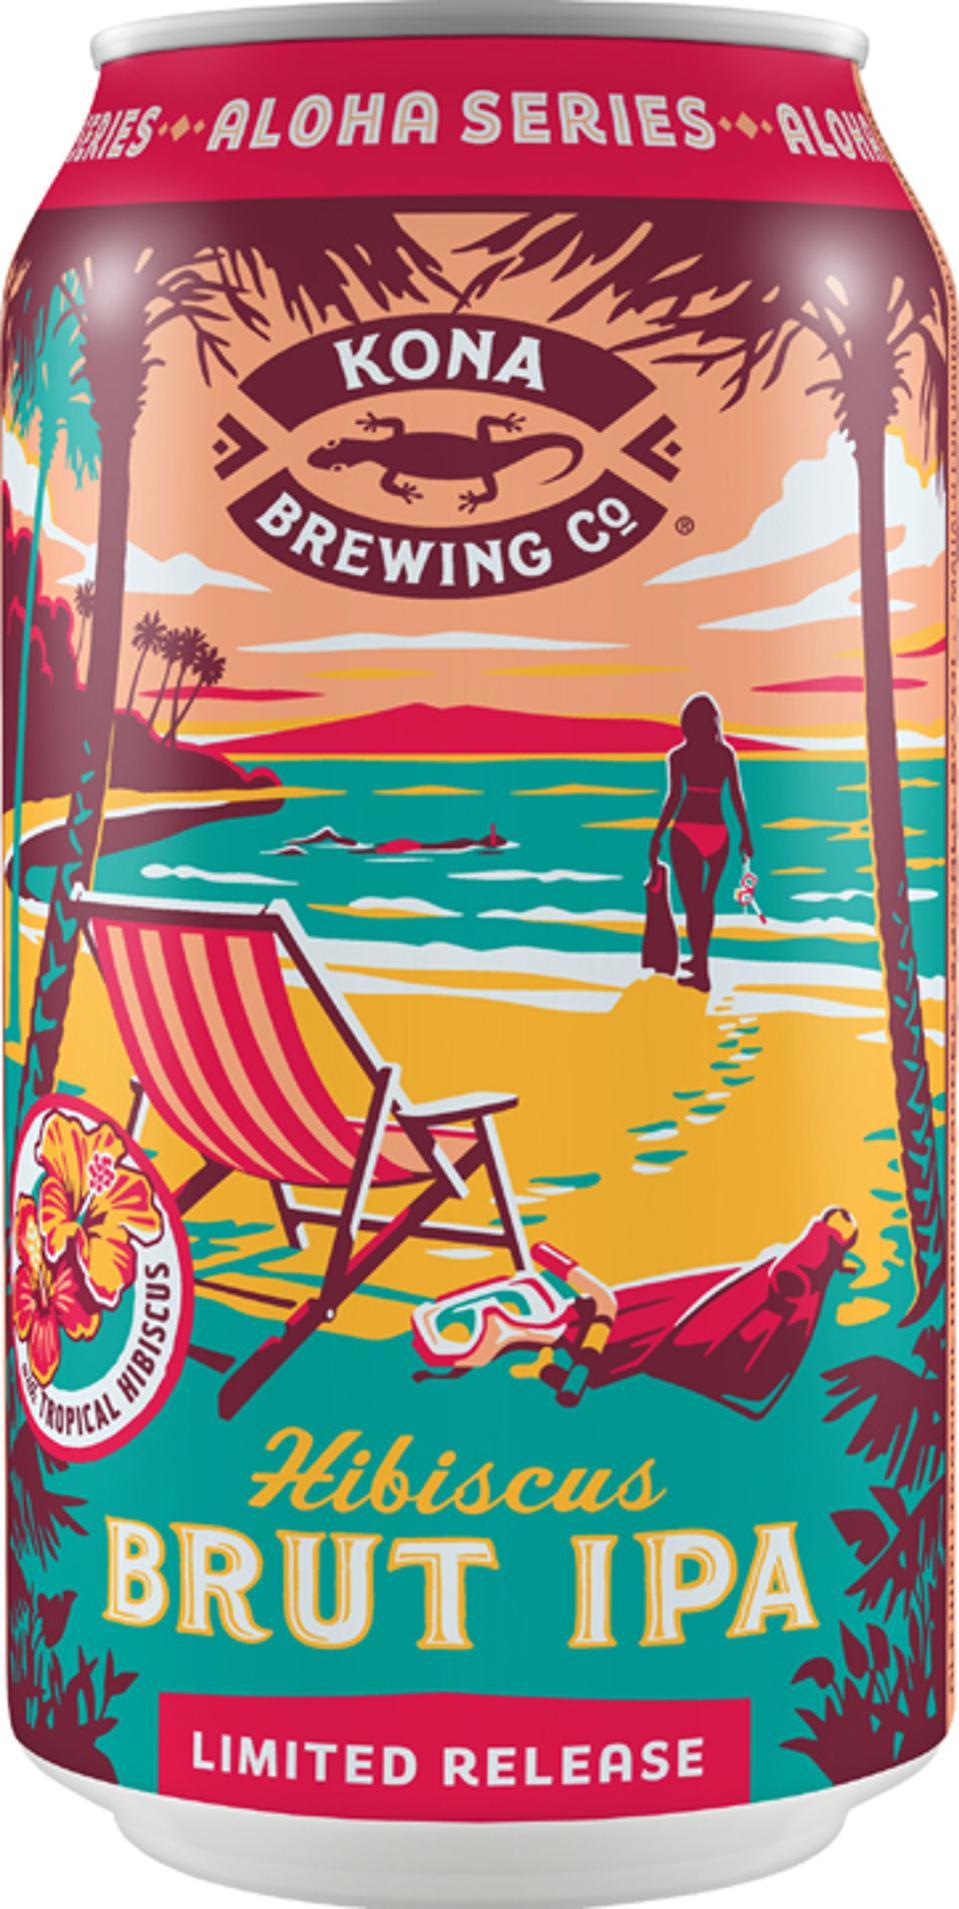 IPA d'hibiscus brut de la Kona Brewing Company.